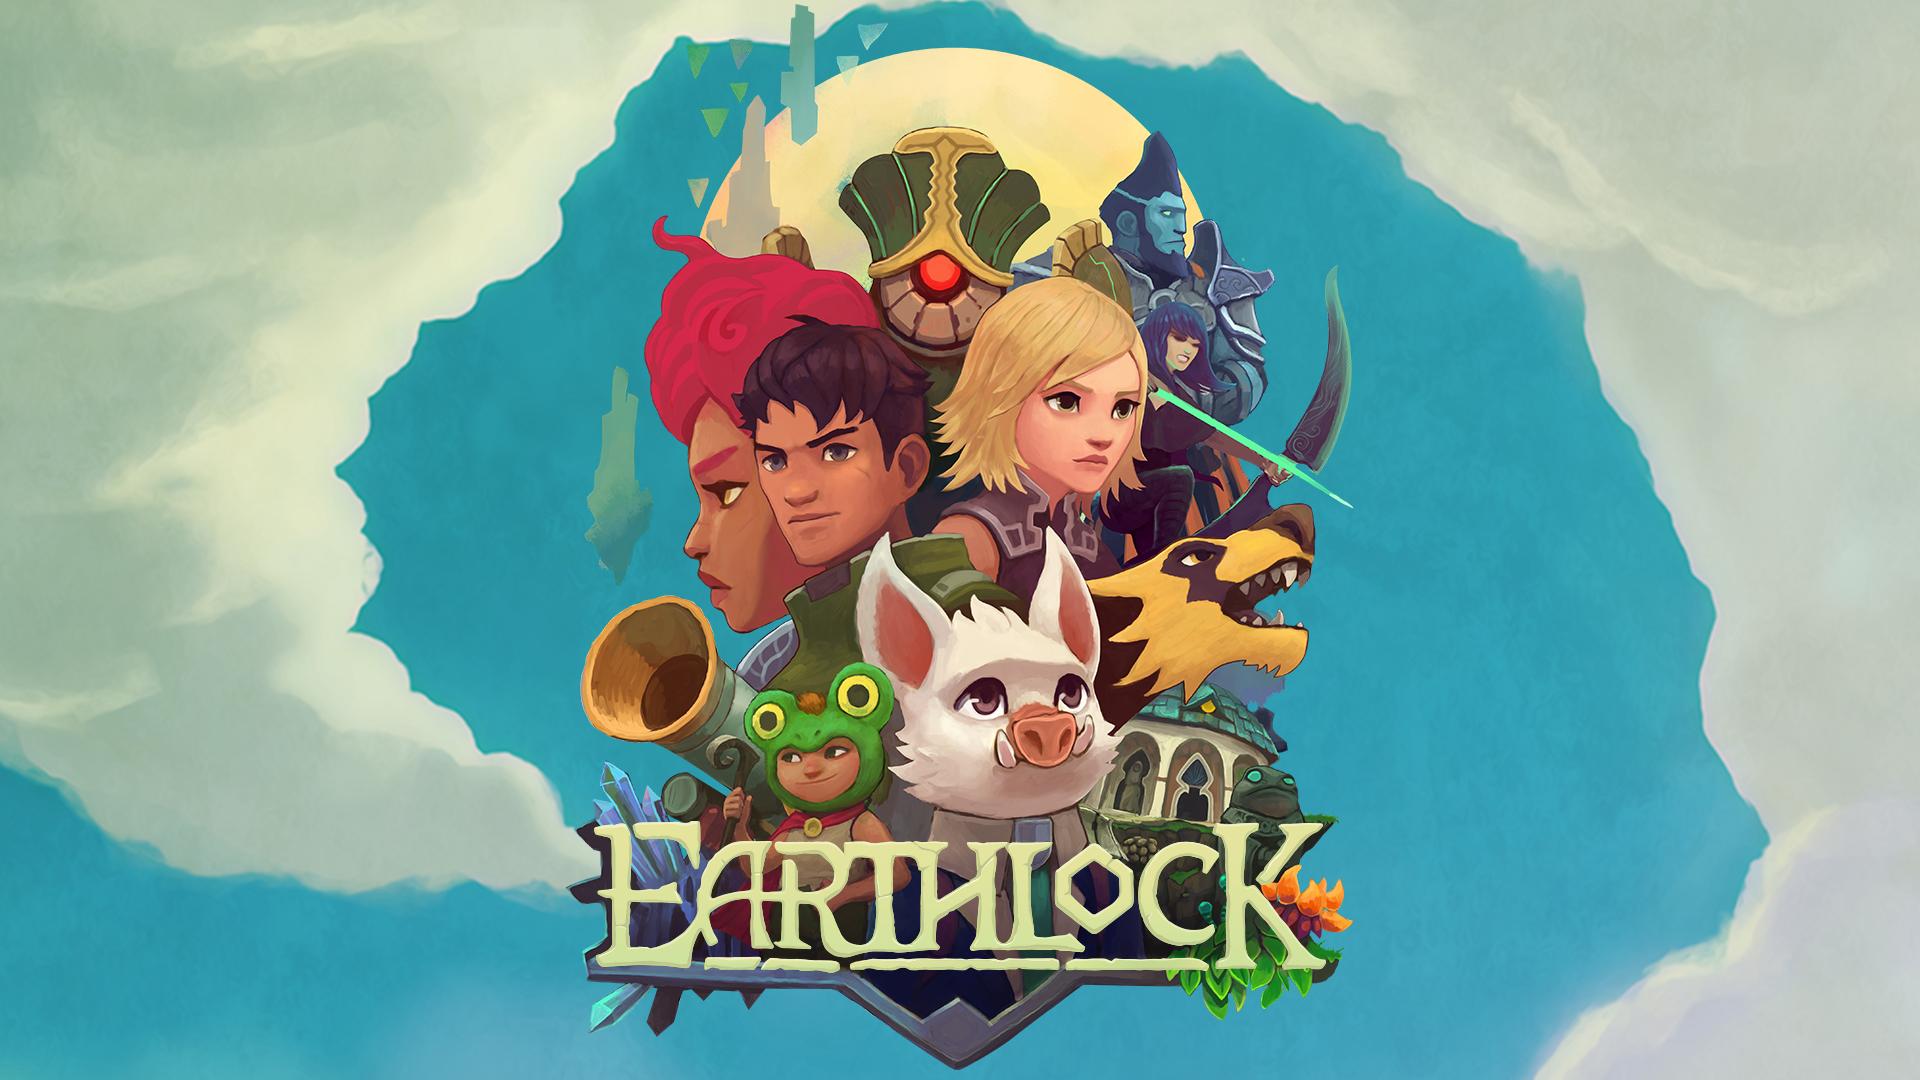 『Earthlock』ノルウェー産ファンタジーRPGが3/15より配信スタート!